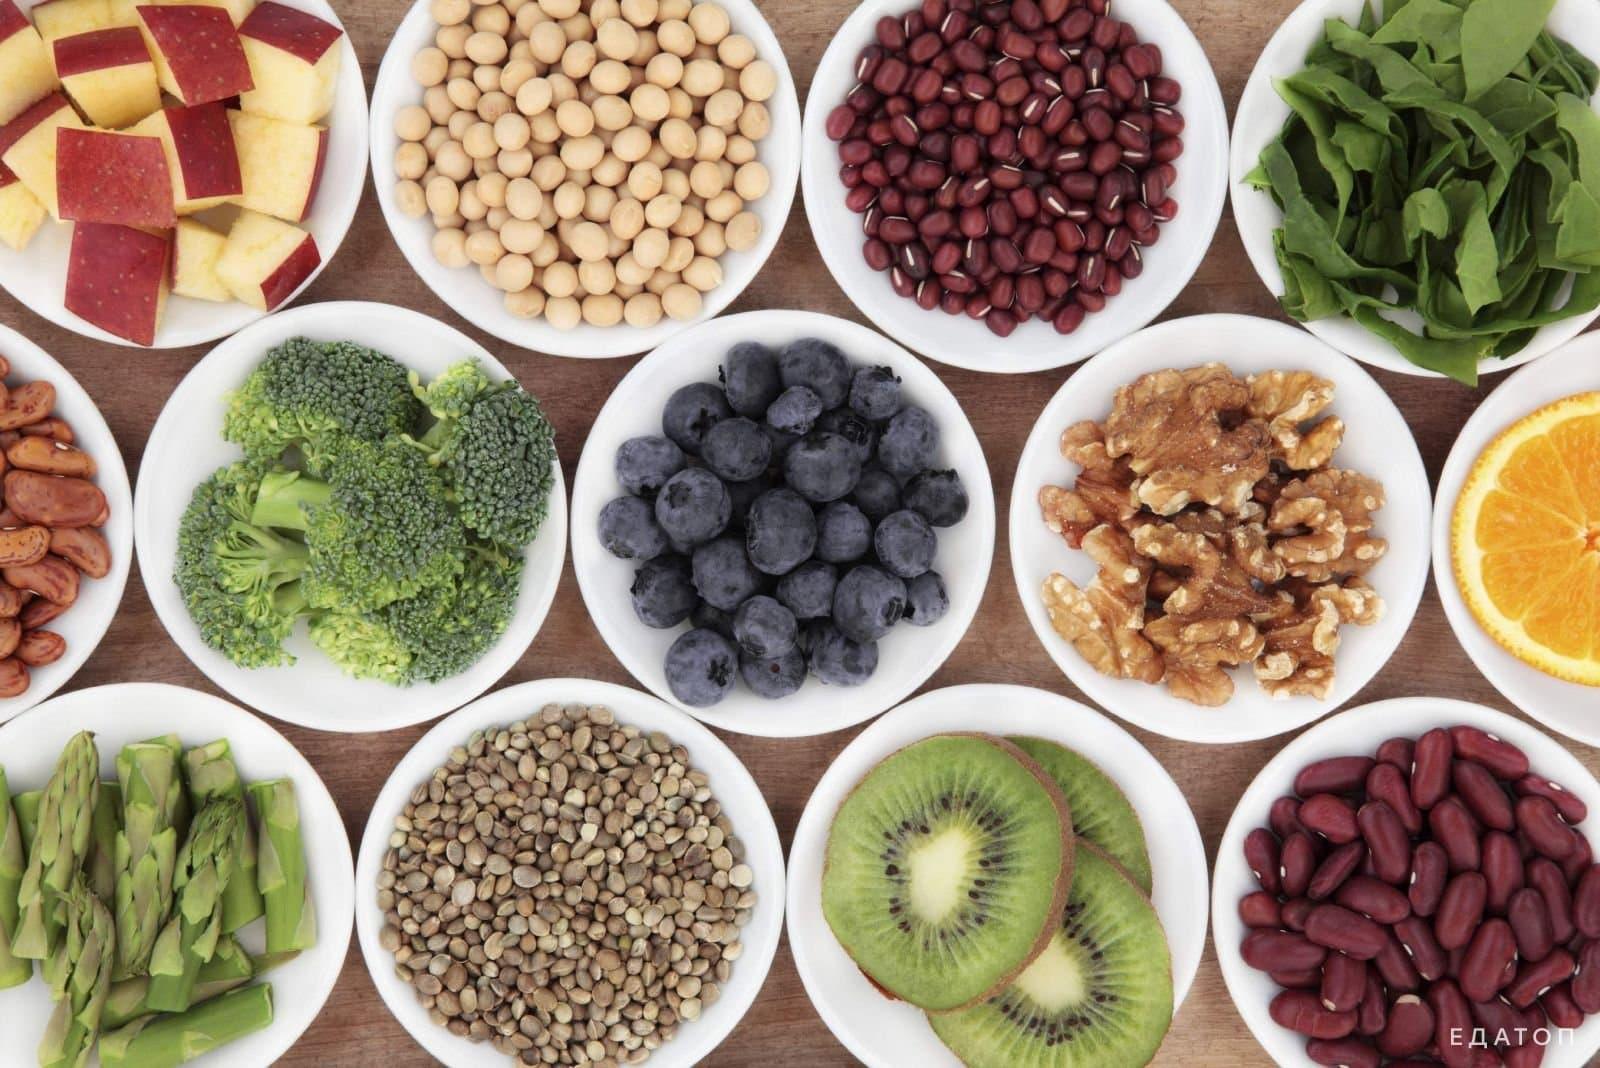 Включить в свой рацион продукты с большим содержанием клетчатки.